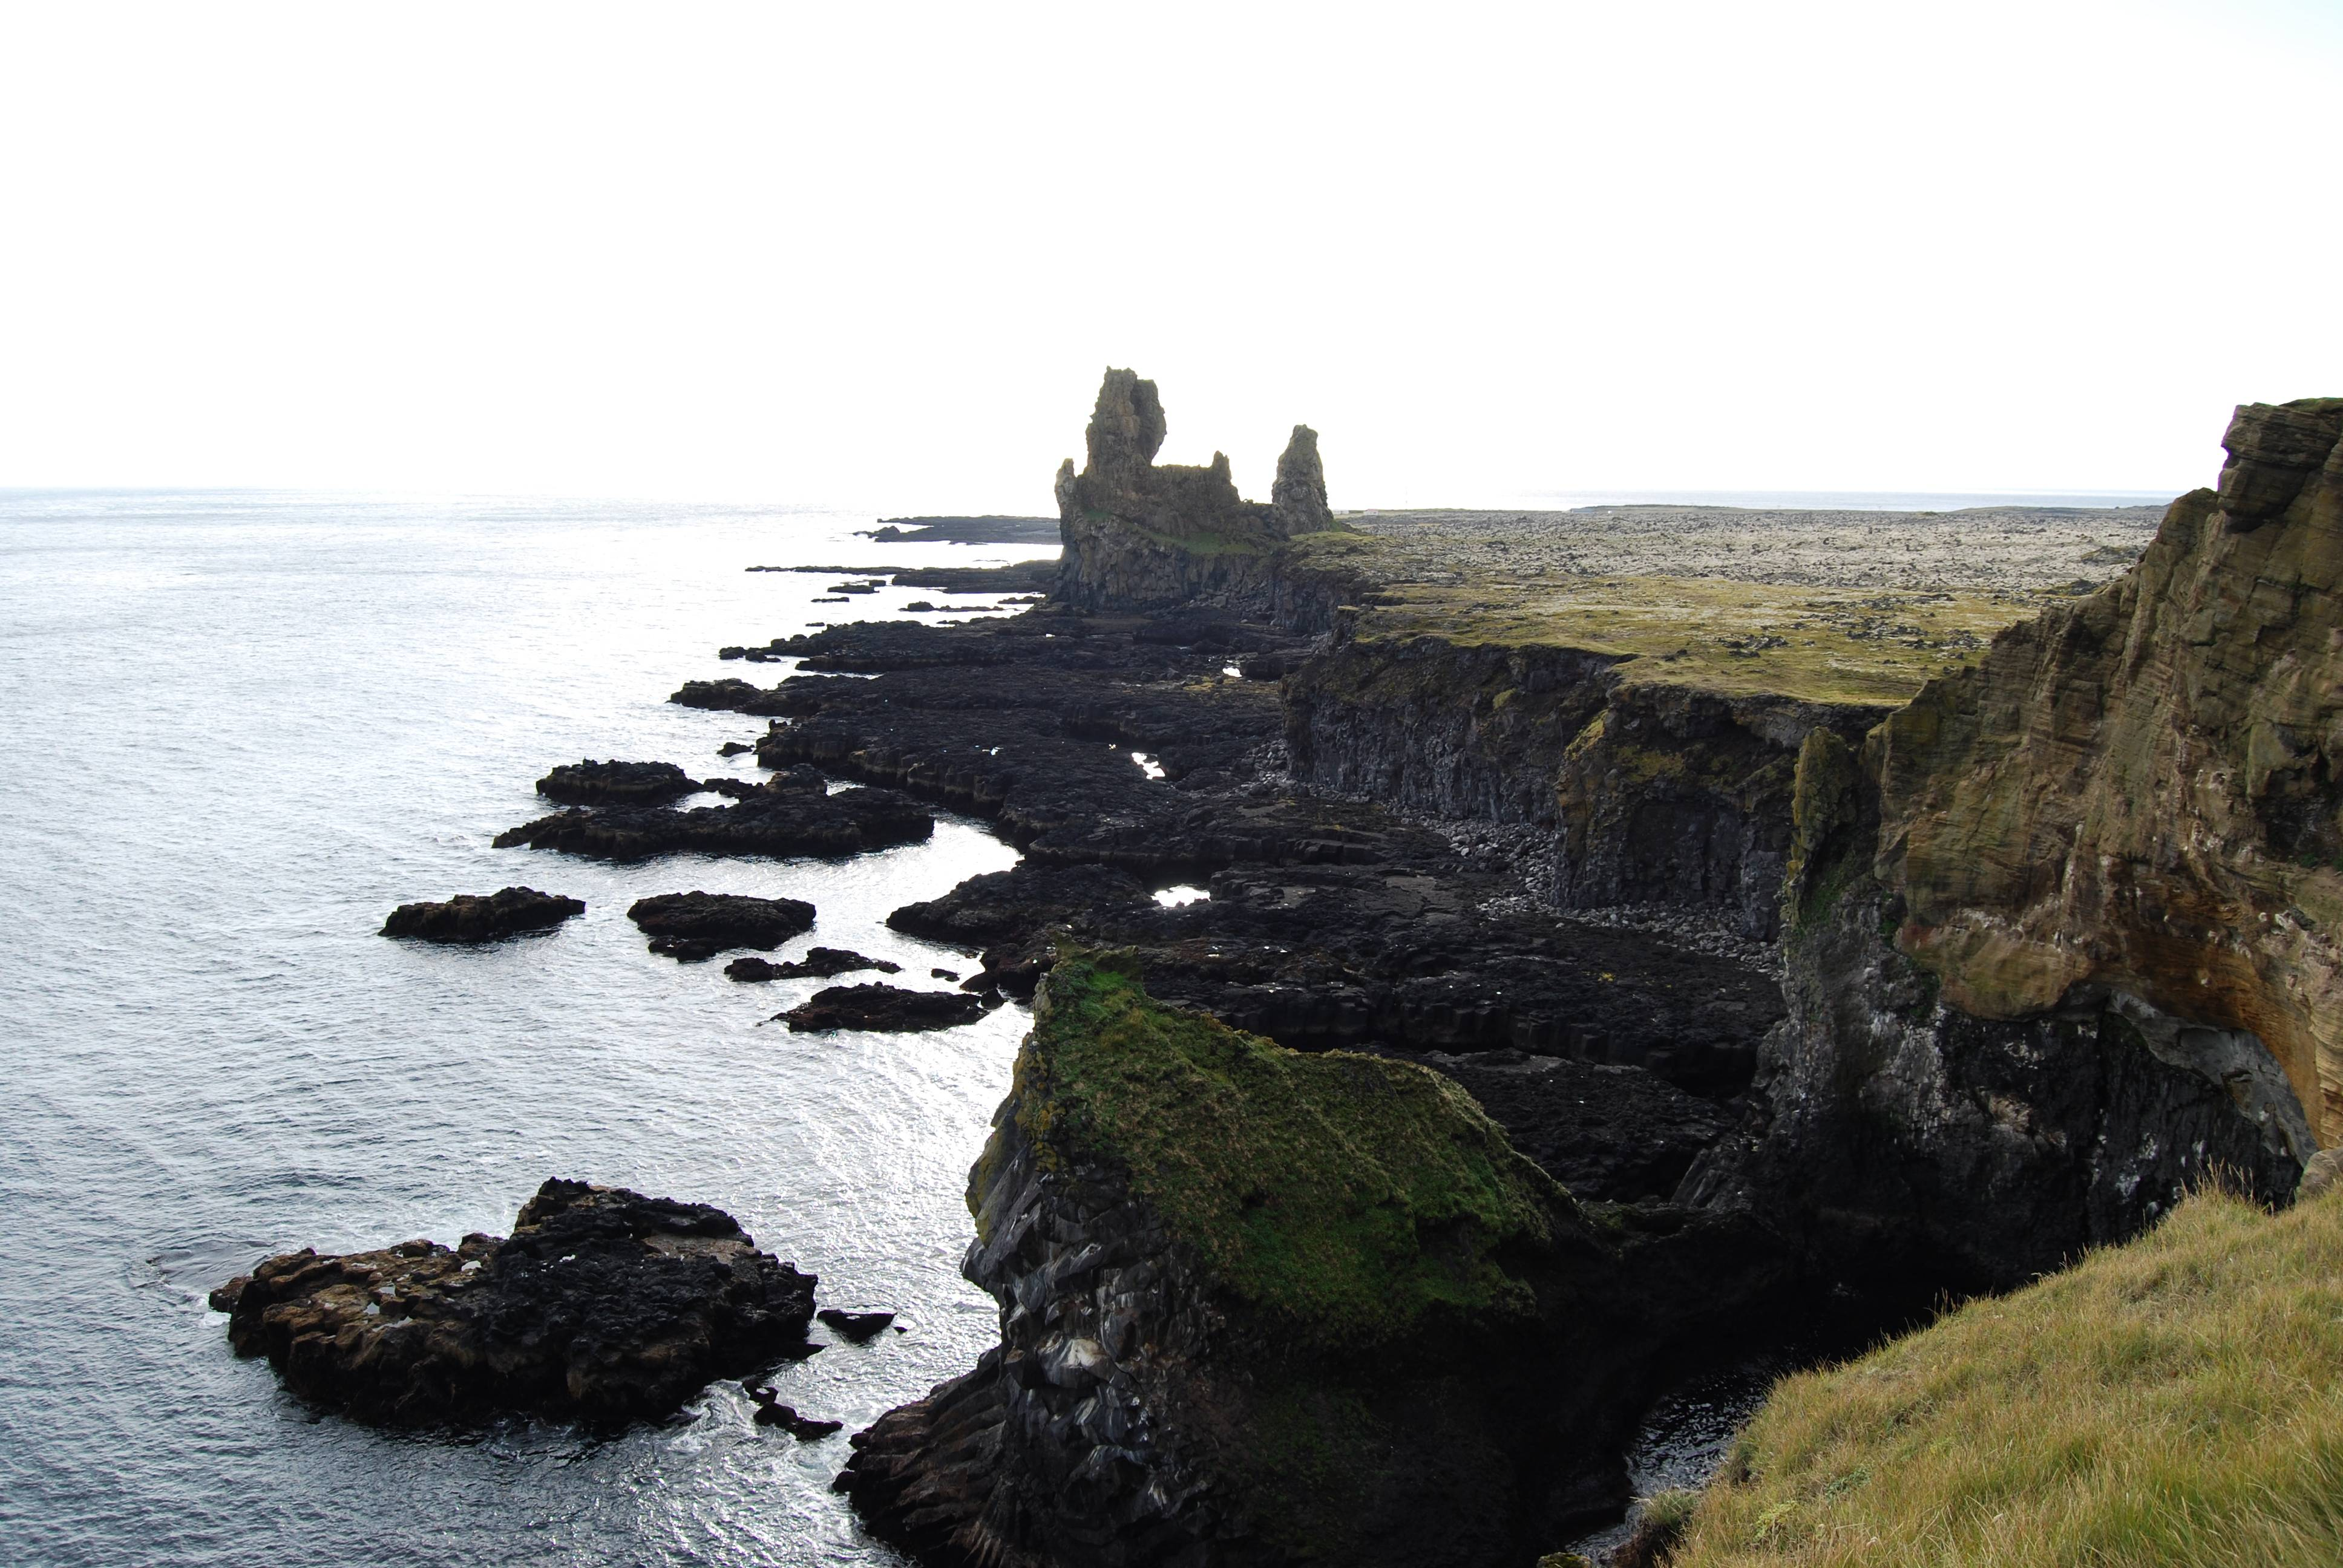 Photo 3: Svalpufa-pufubjarg, (Etretat Islandais)